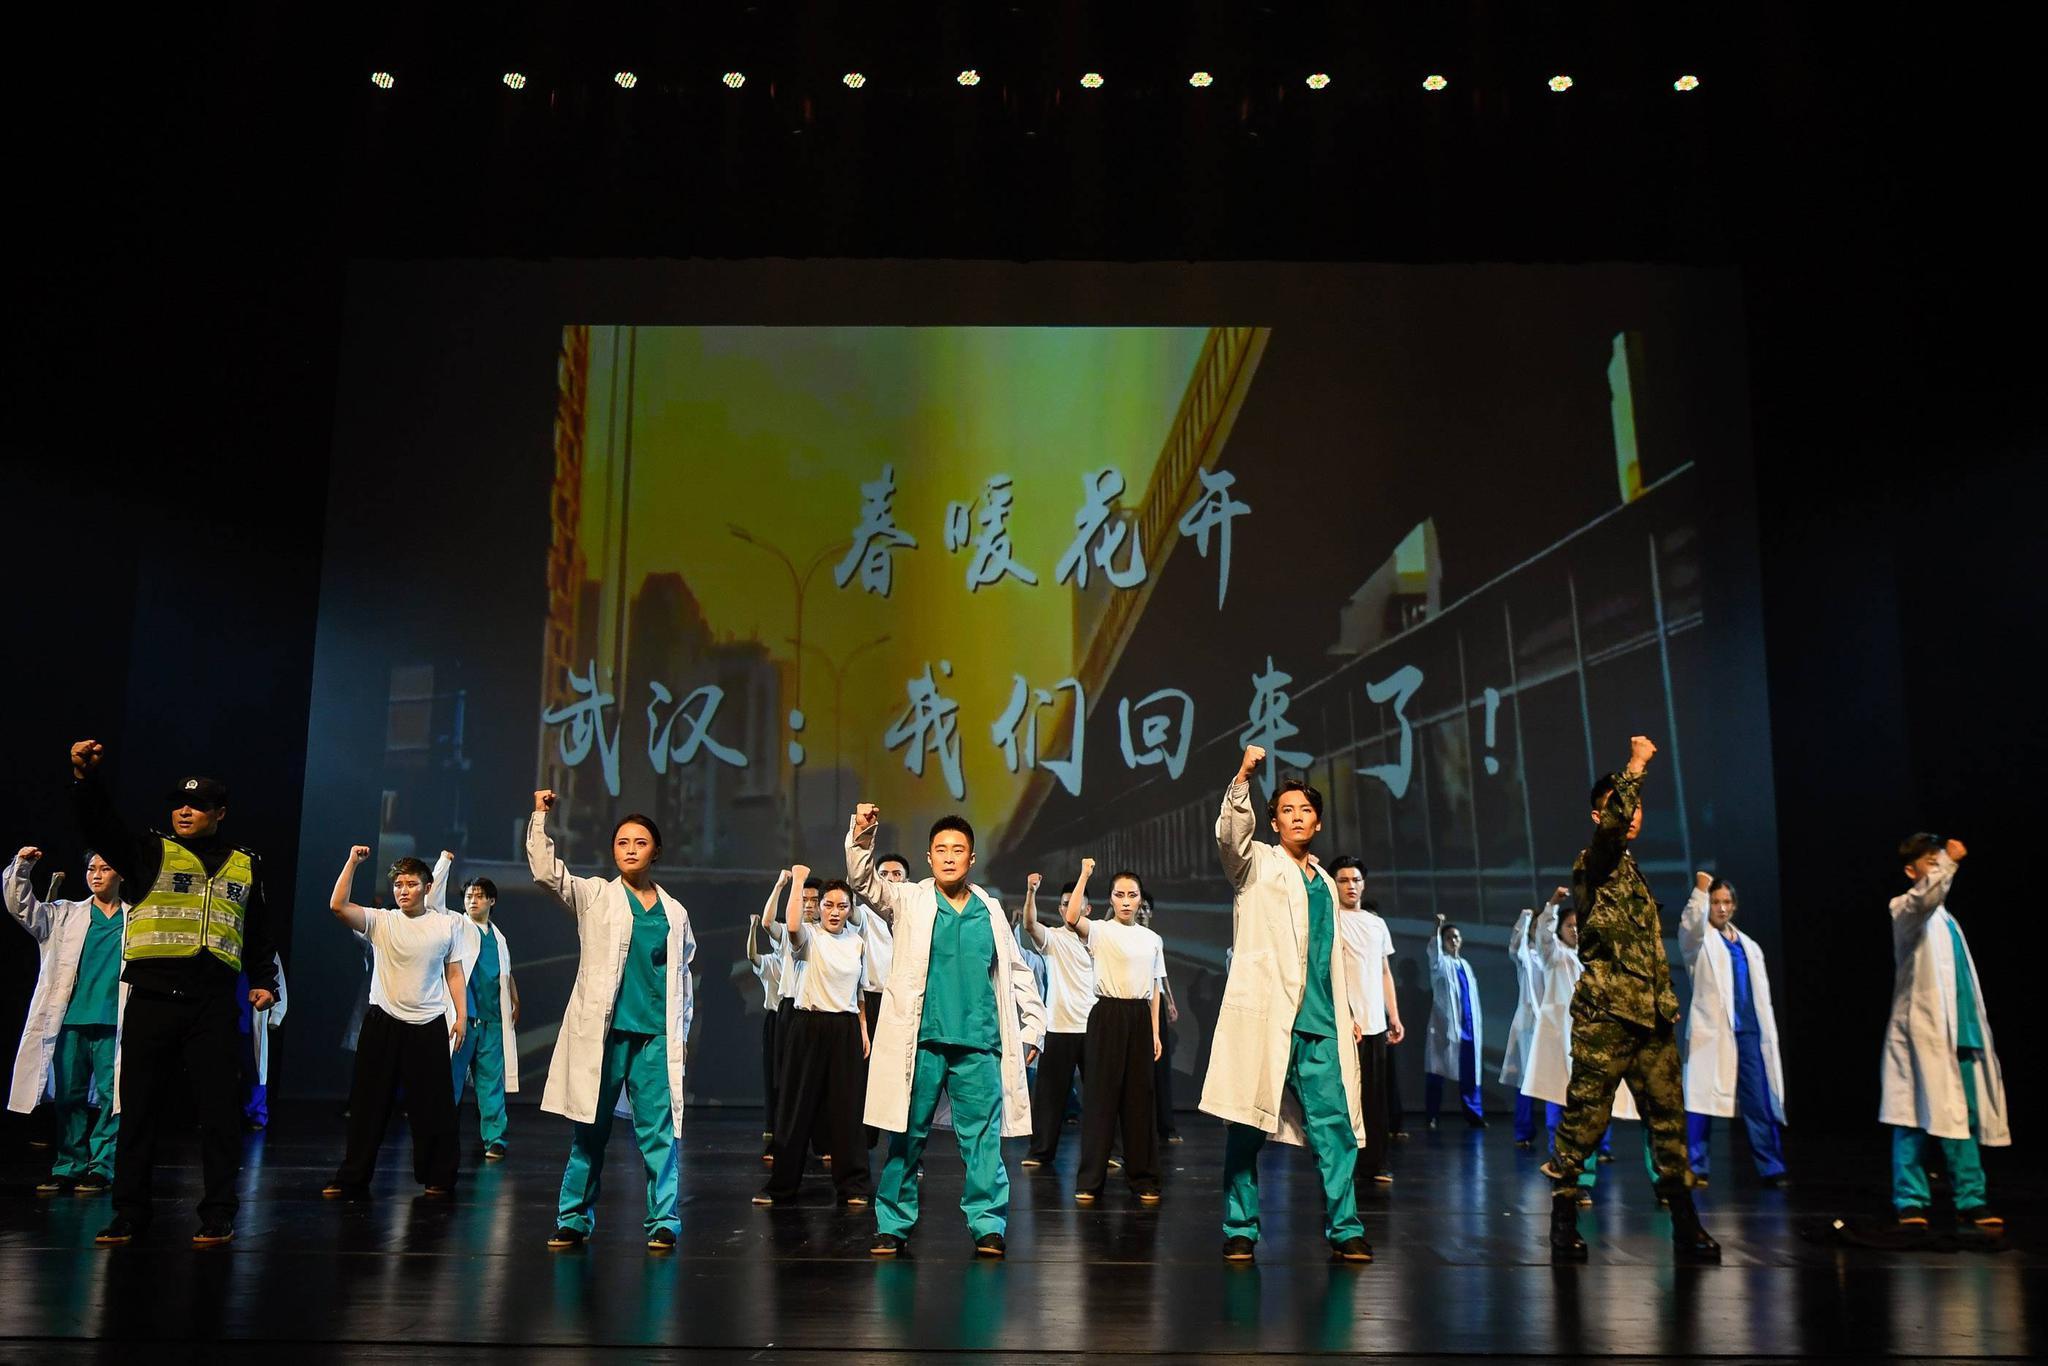 文汇报:以武术精神致敬抗疫英雄,这场原创舞台剧令人潸然泪下